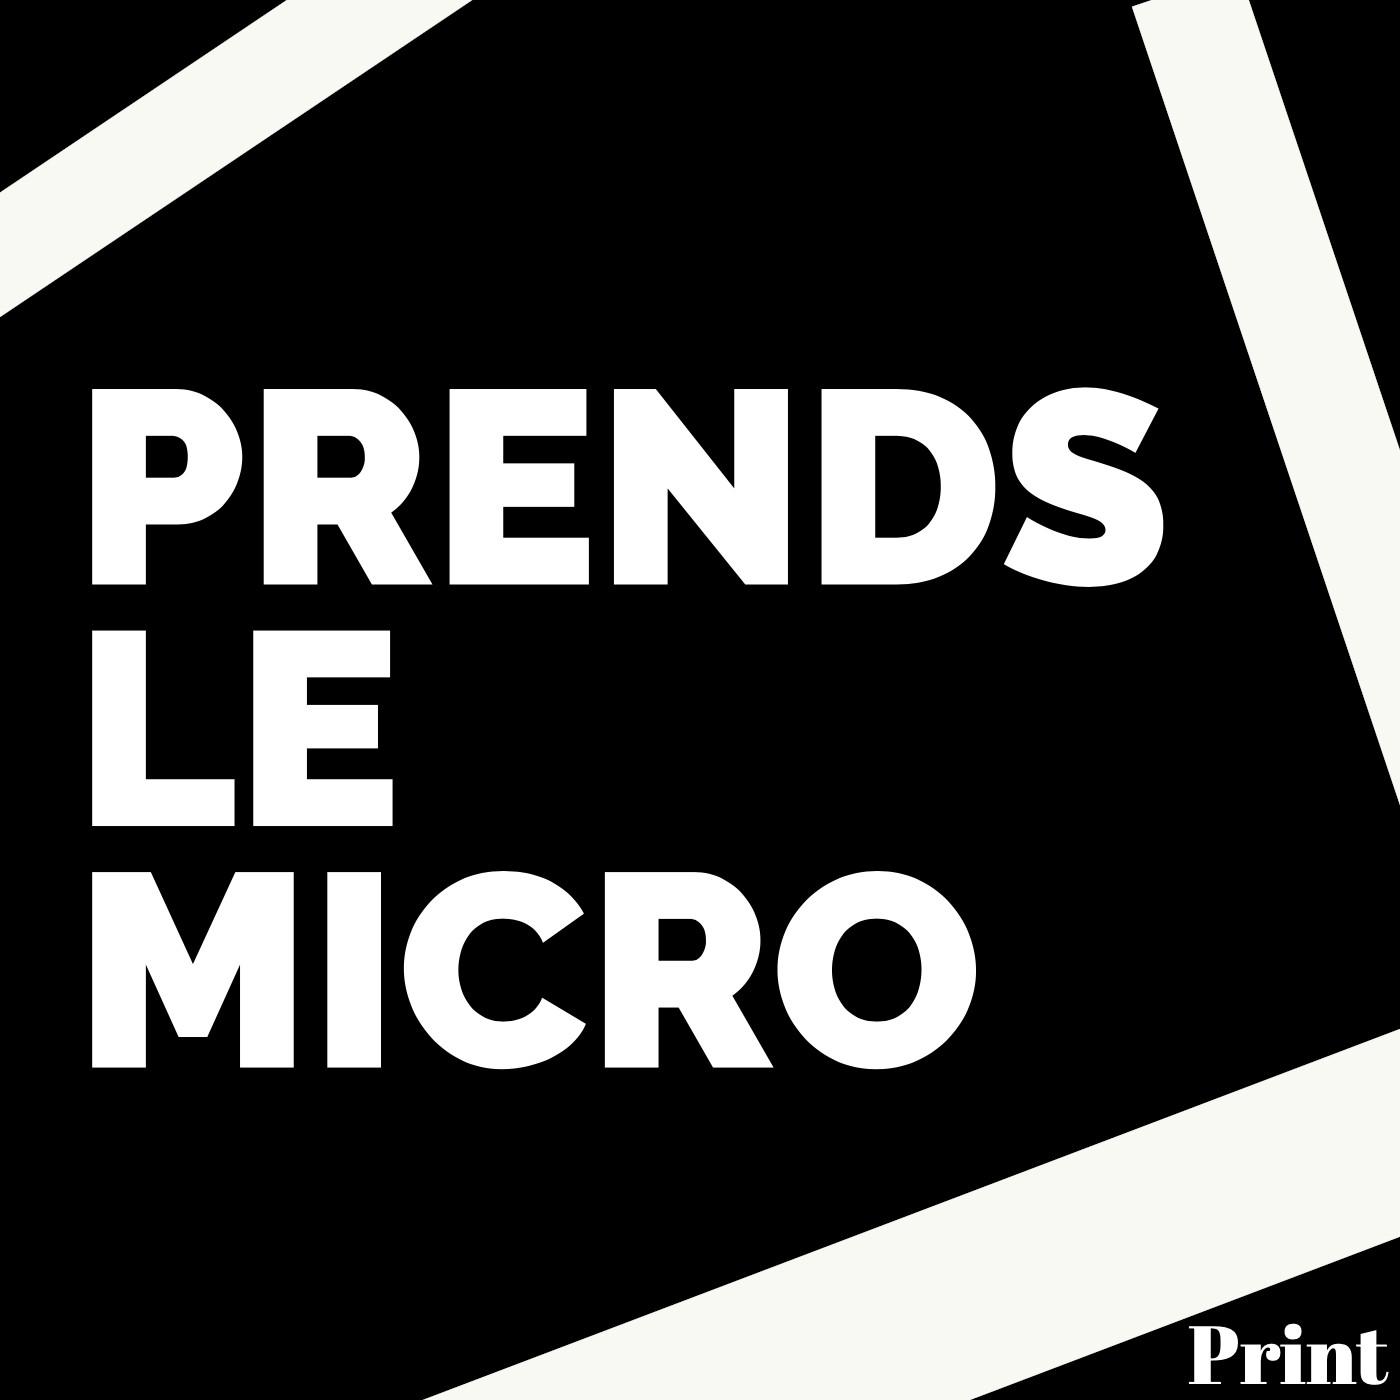 PRENDS LE MICRO